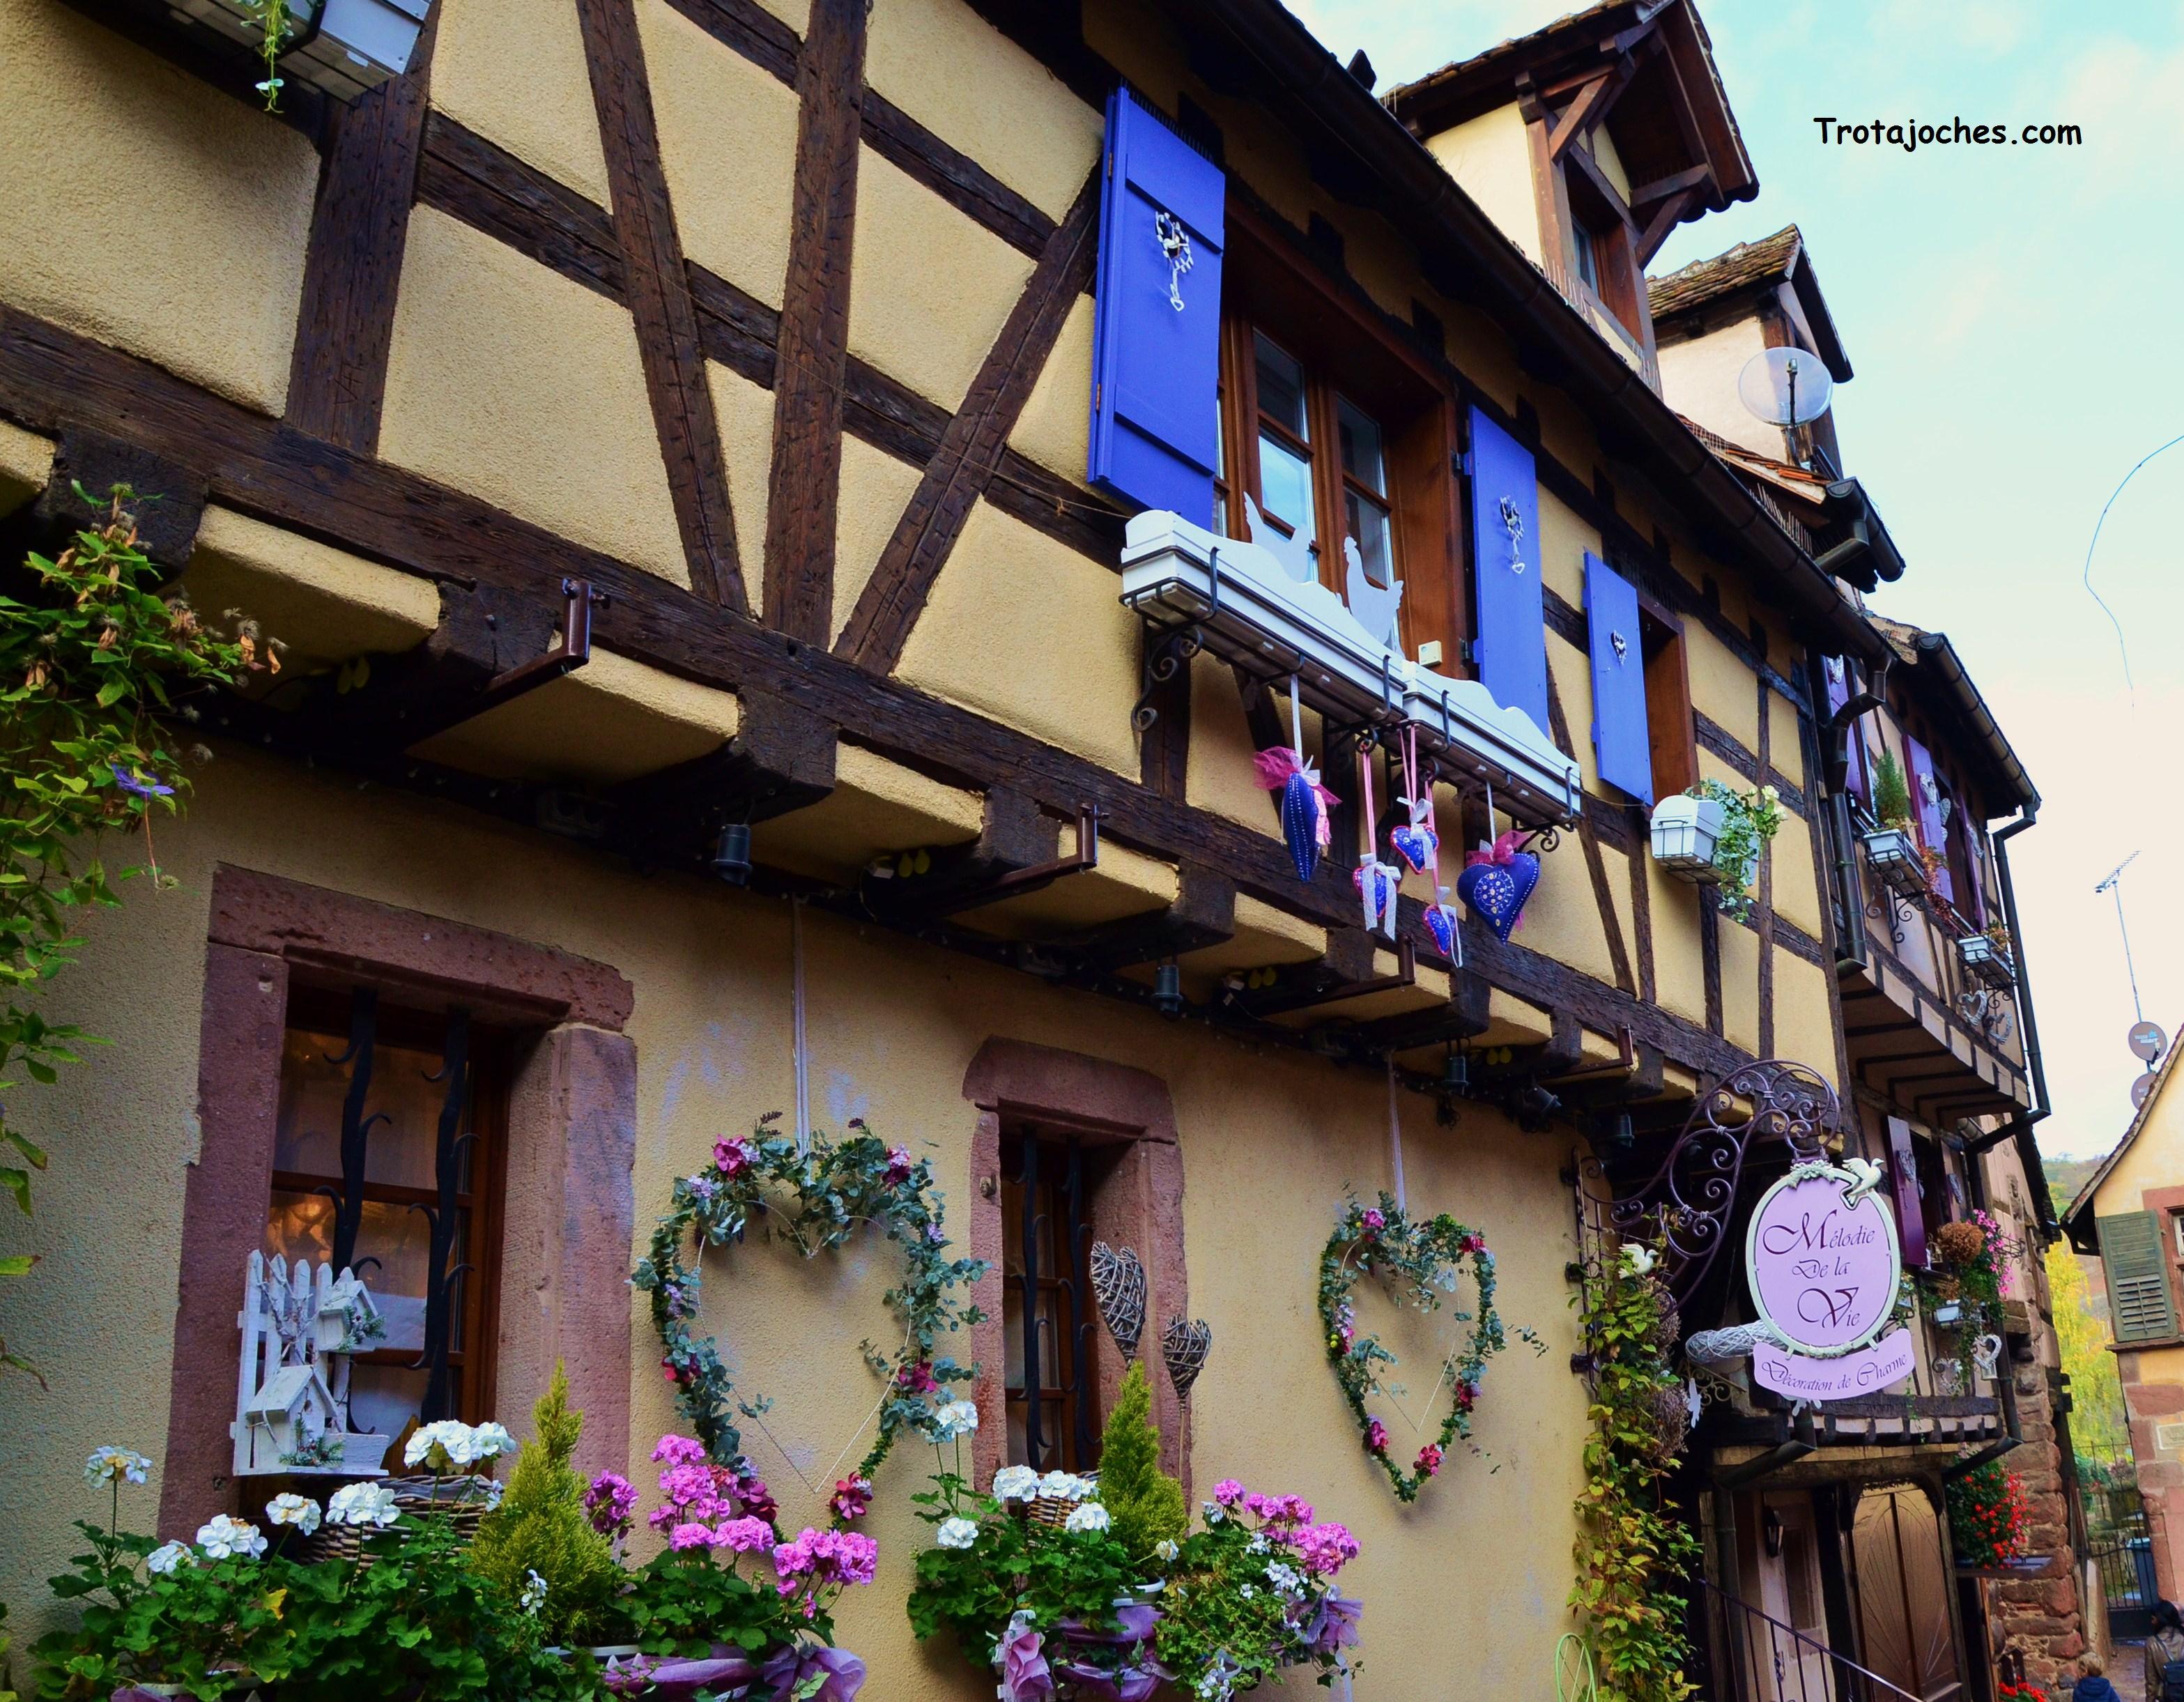 Tiendas de Alsacia decoradas